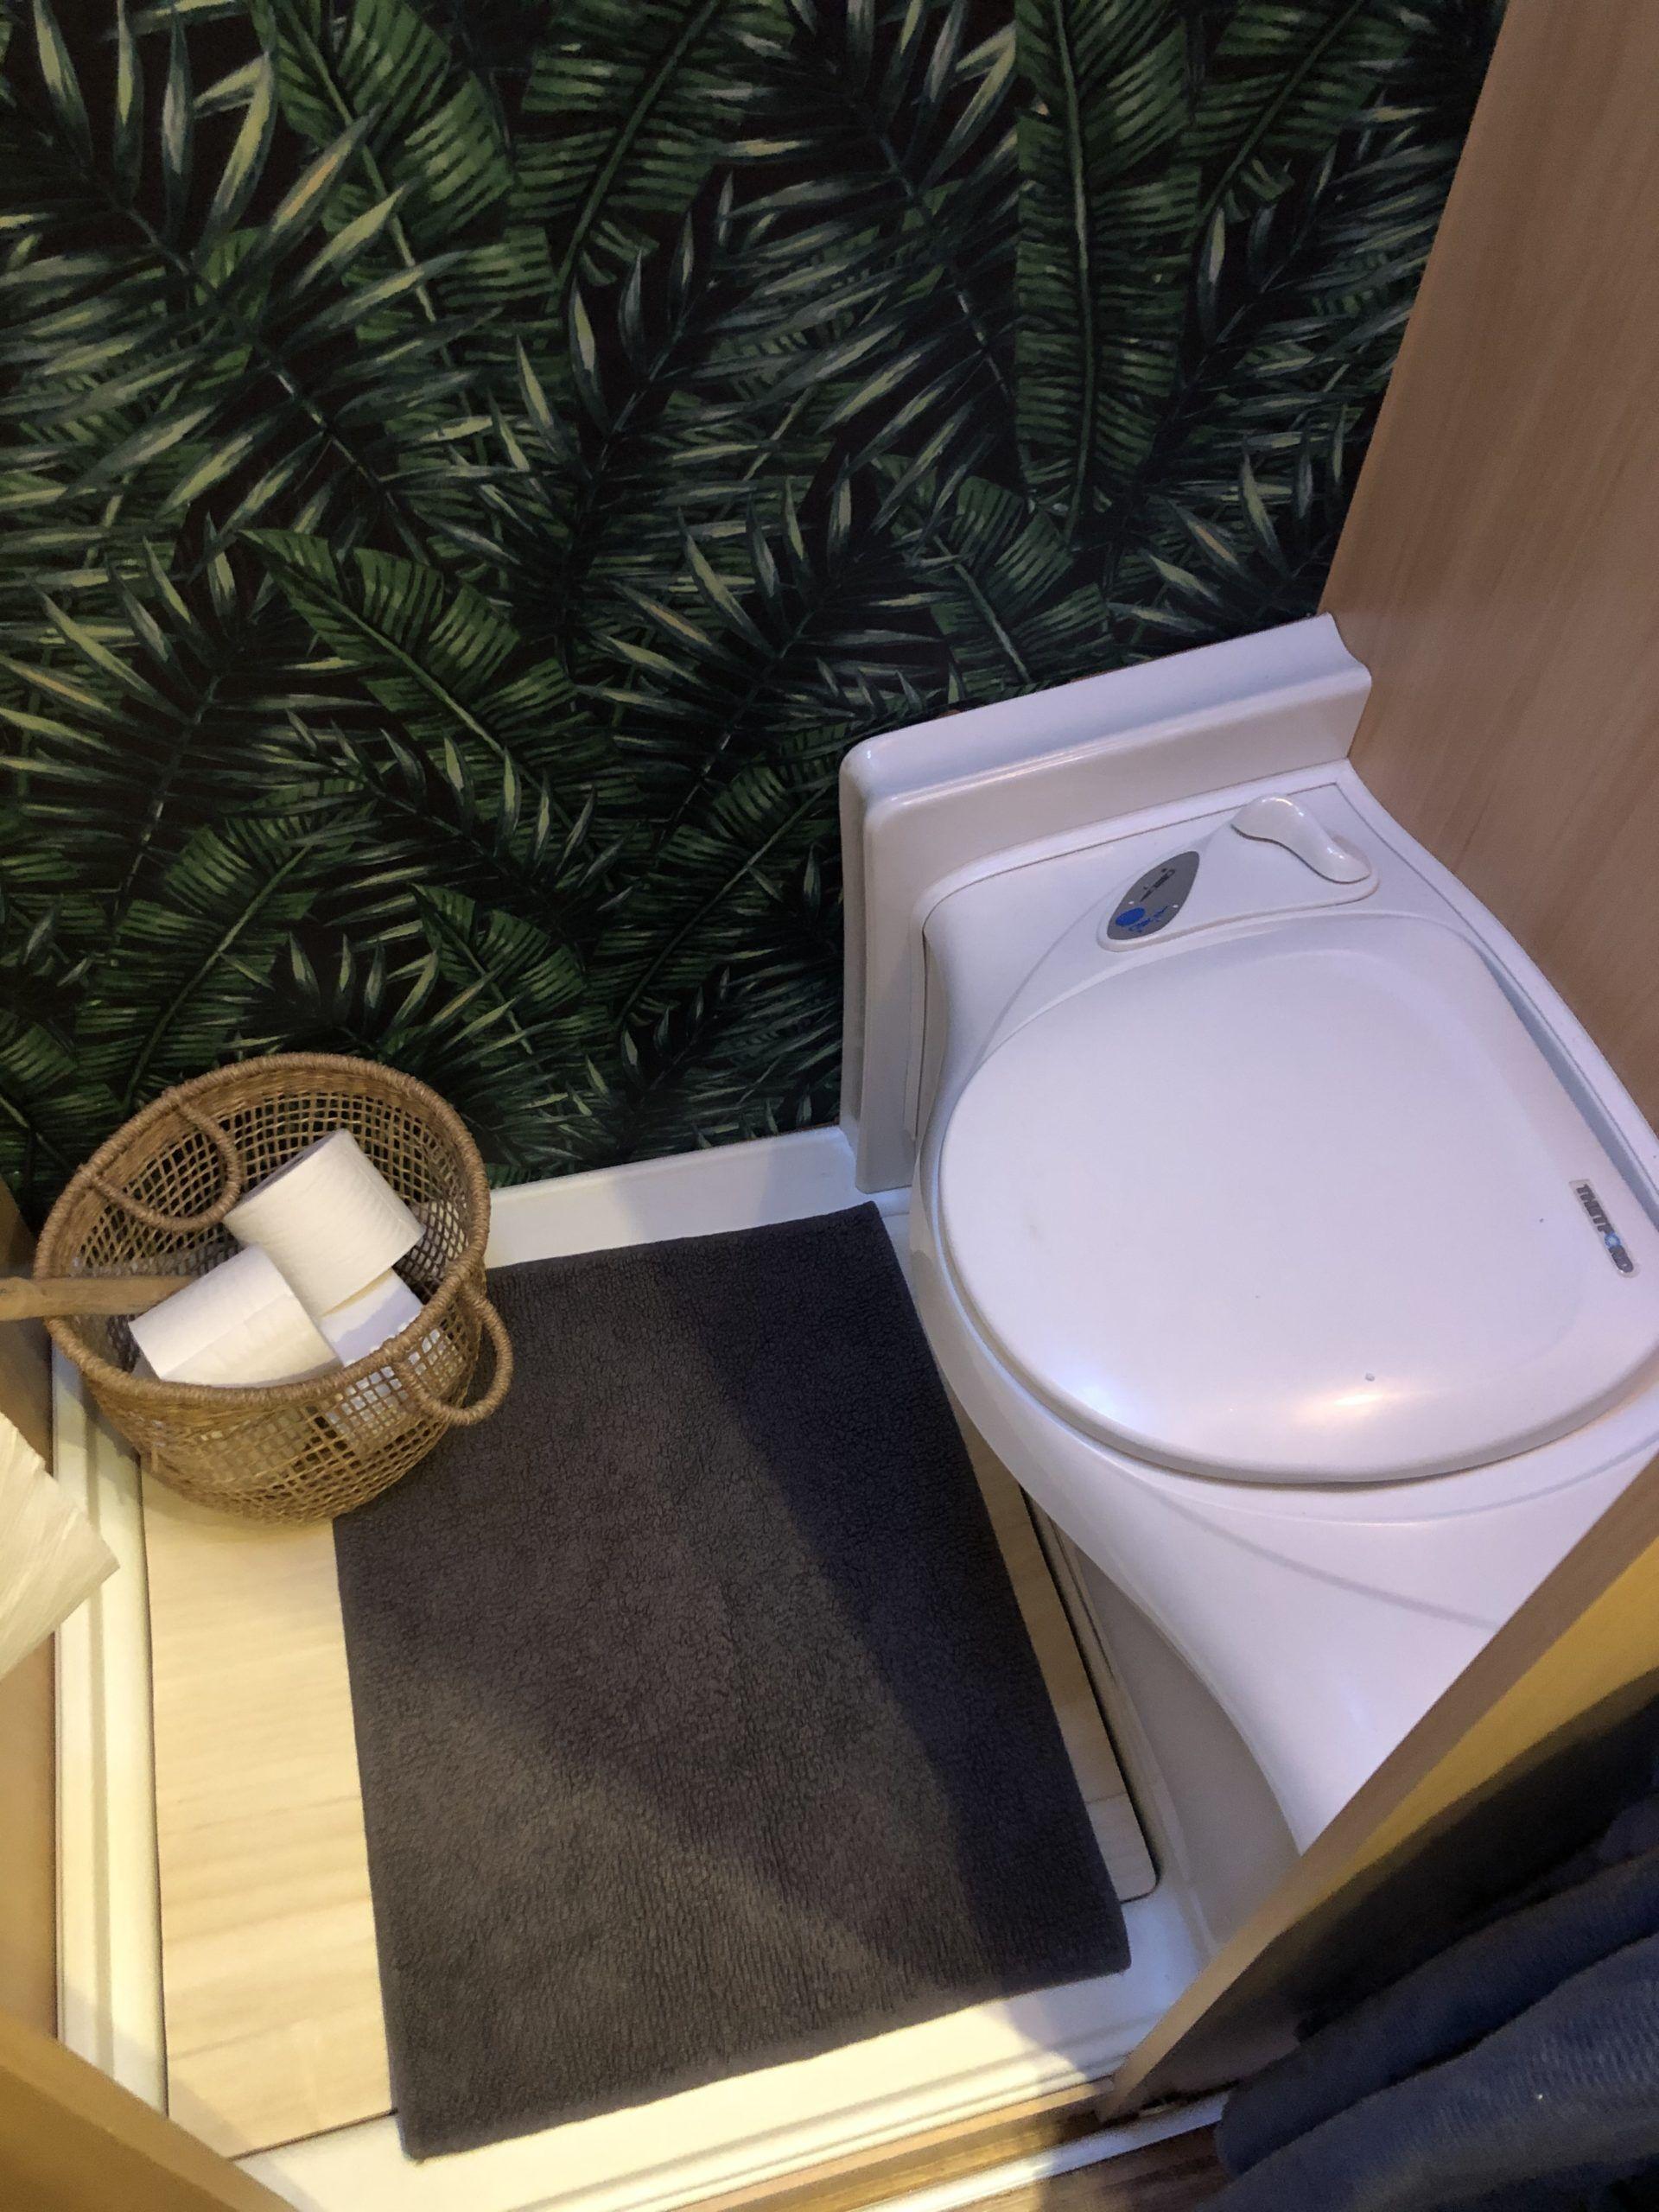 Bodendämmung badezimmer wohnwagen dämmung warme füße mysmallhouse.de